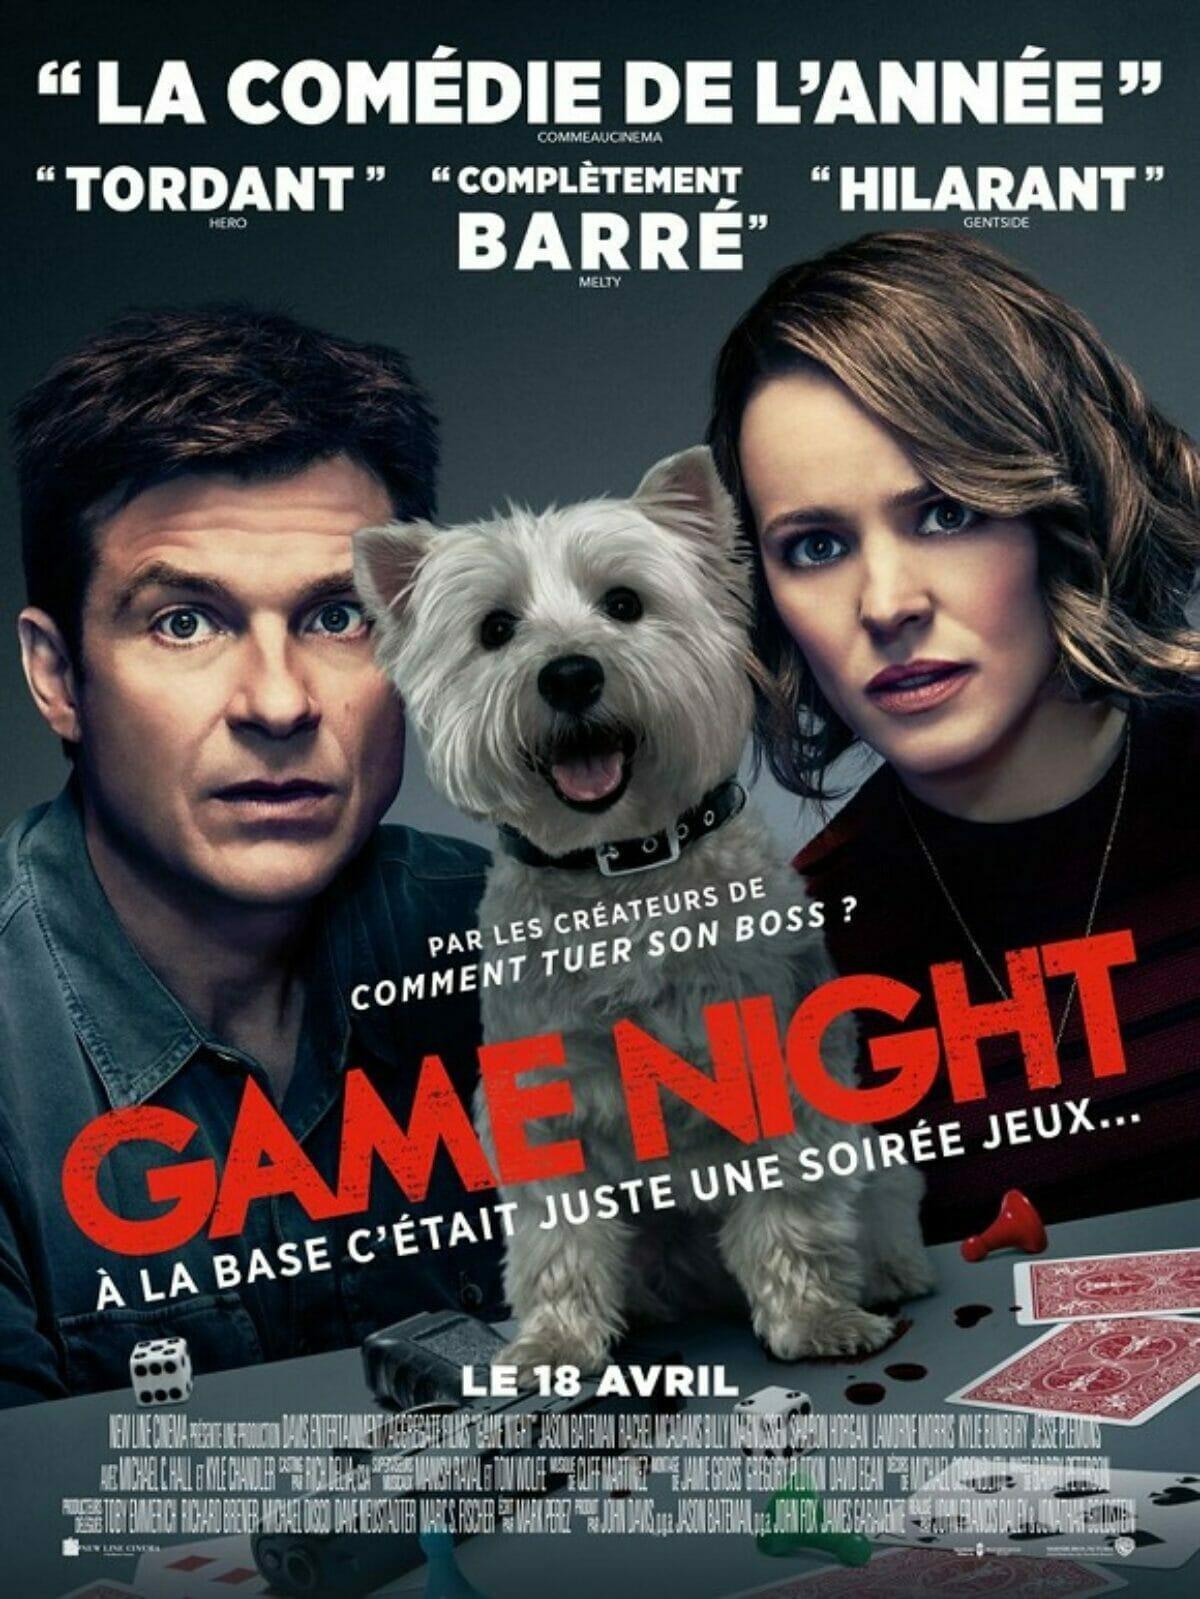 Game-night-poster